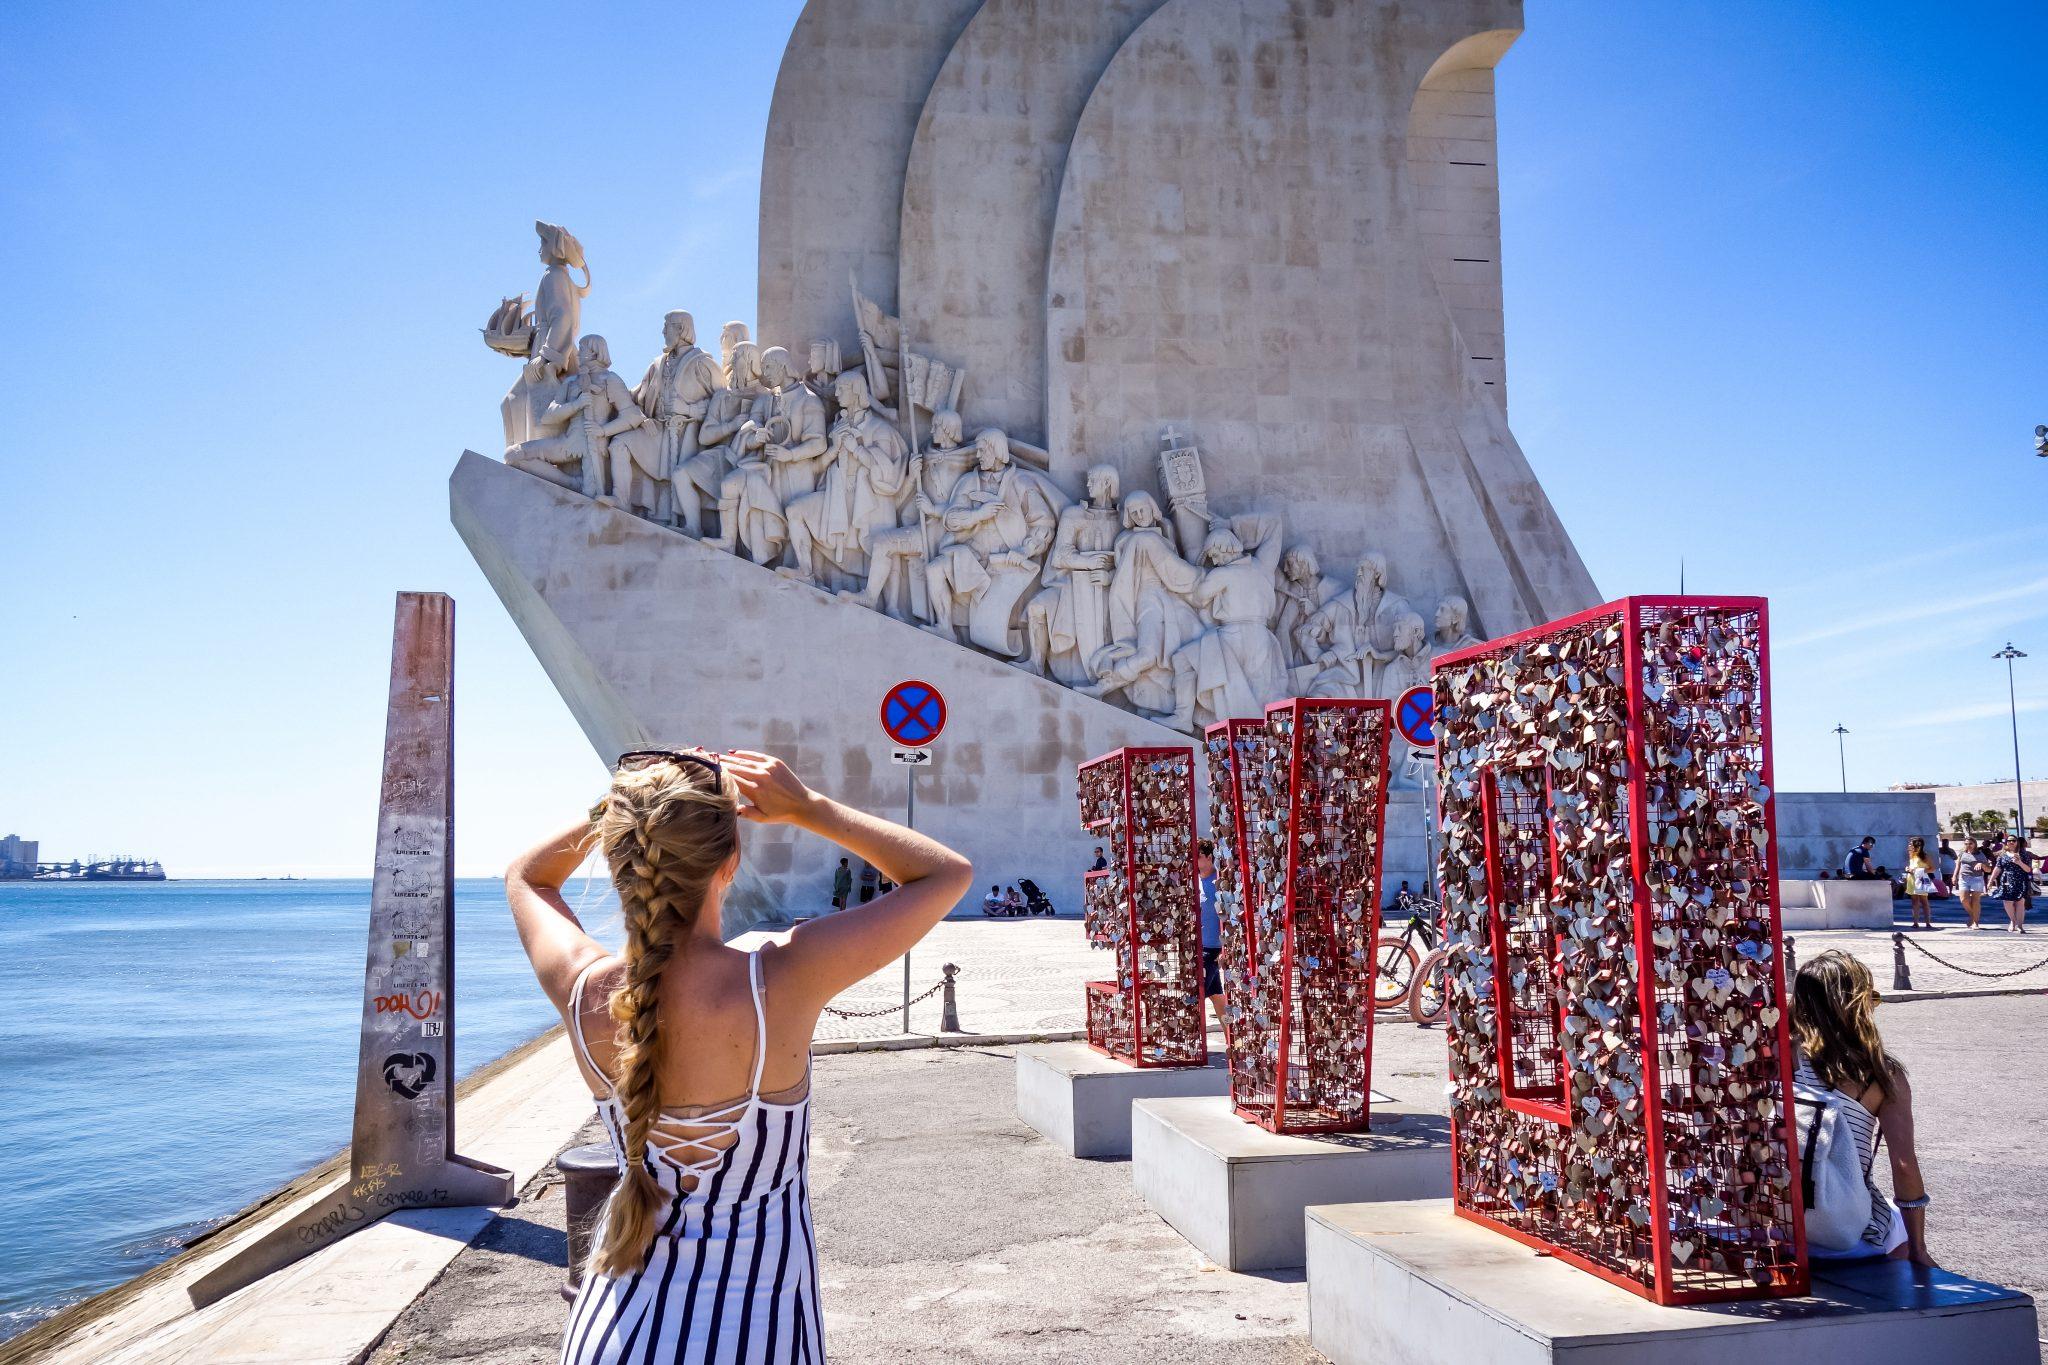 Portugal, Lissabon, Belém, padrão dos Descobrimentos